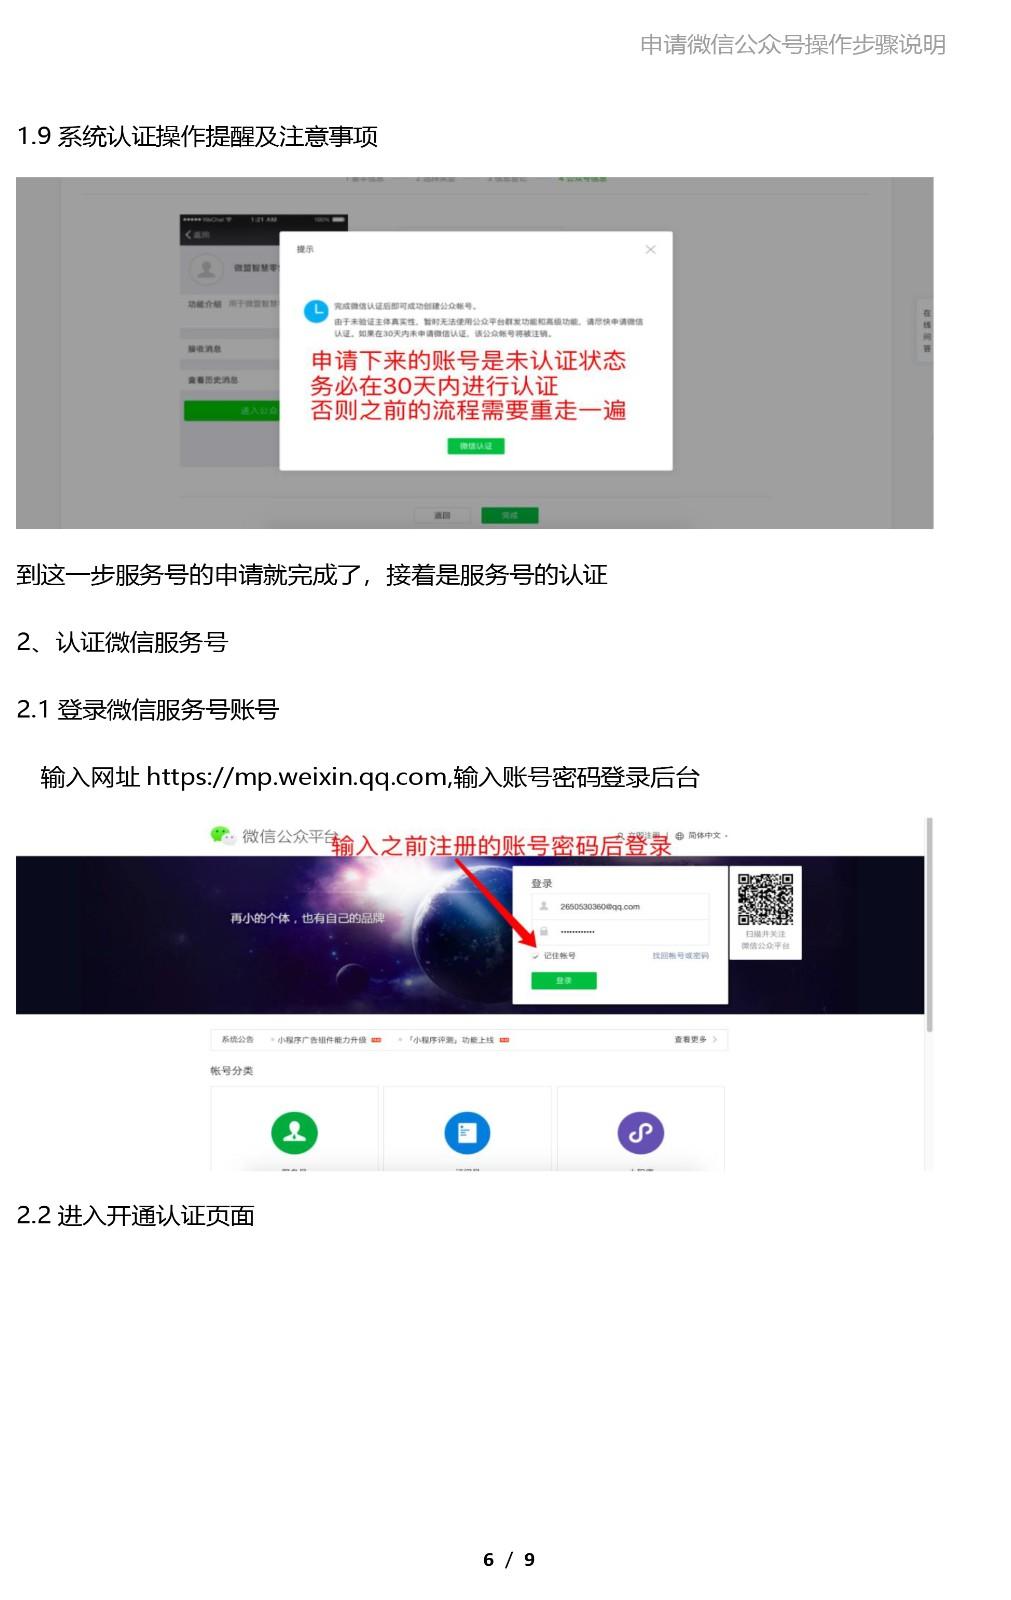 课程2附件、申请微信公众号操作步骤说明-6.jpg